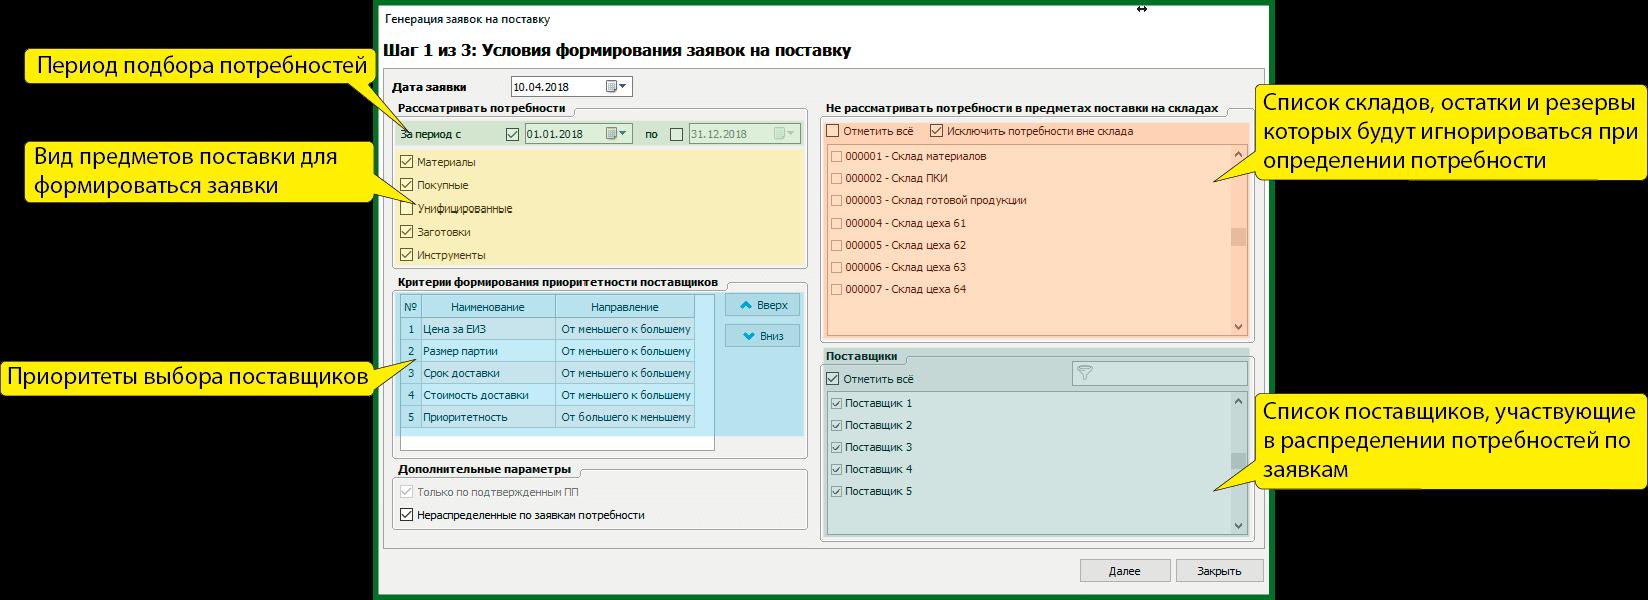 СПРУТ-ОКП планирование производства Снабжение условия формирования заявок